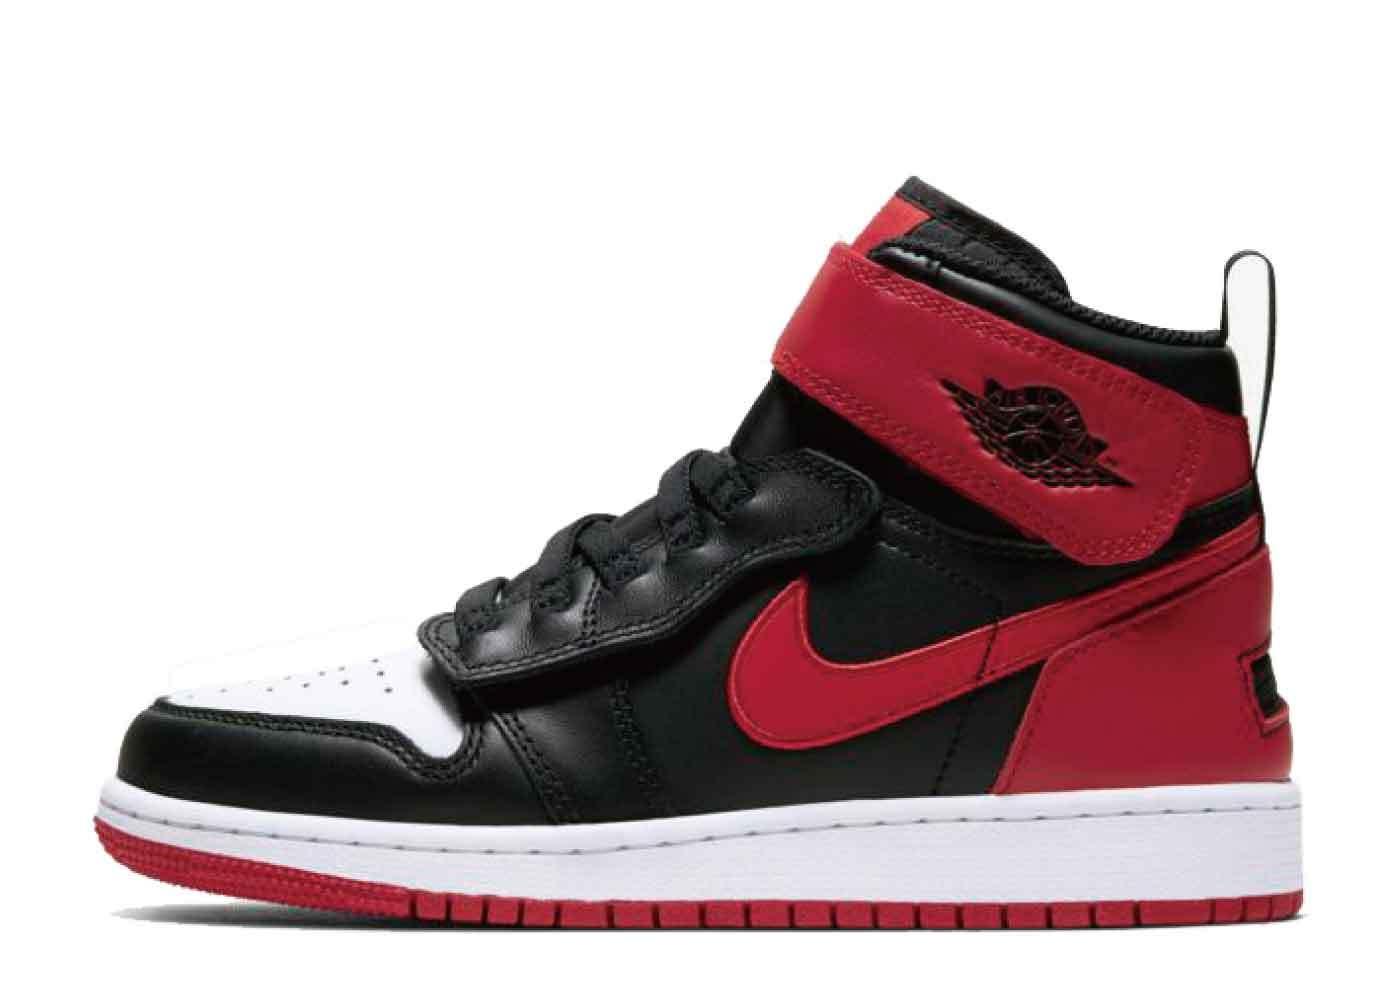 Nike Air Jordan 1 Flyease Bred White Toe (GS)の写真